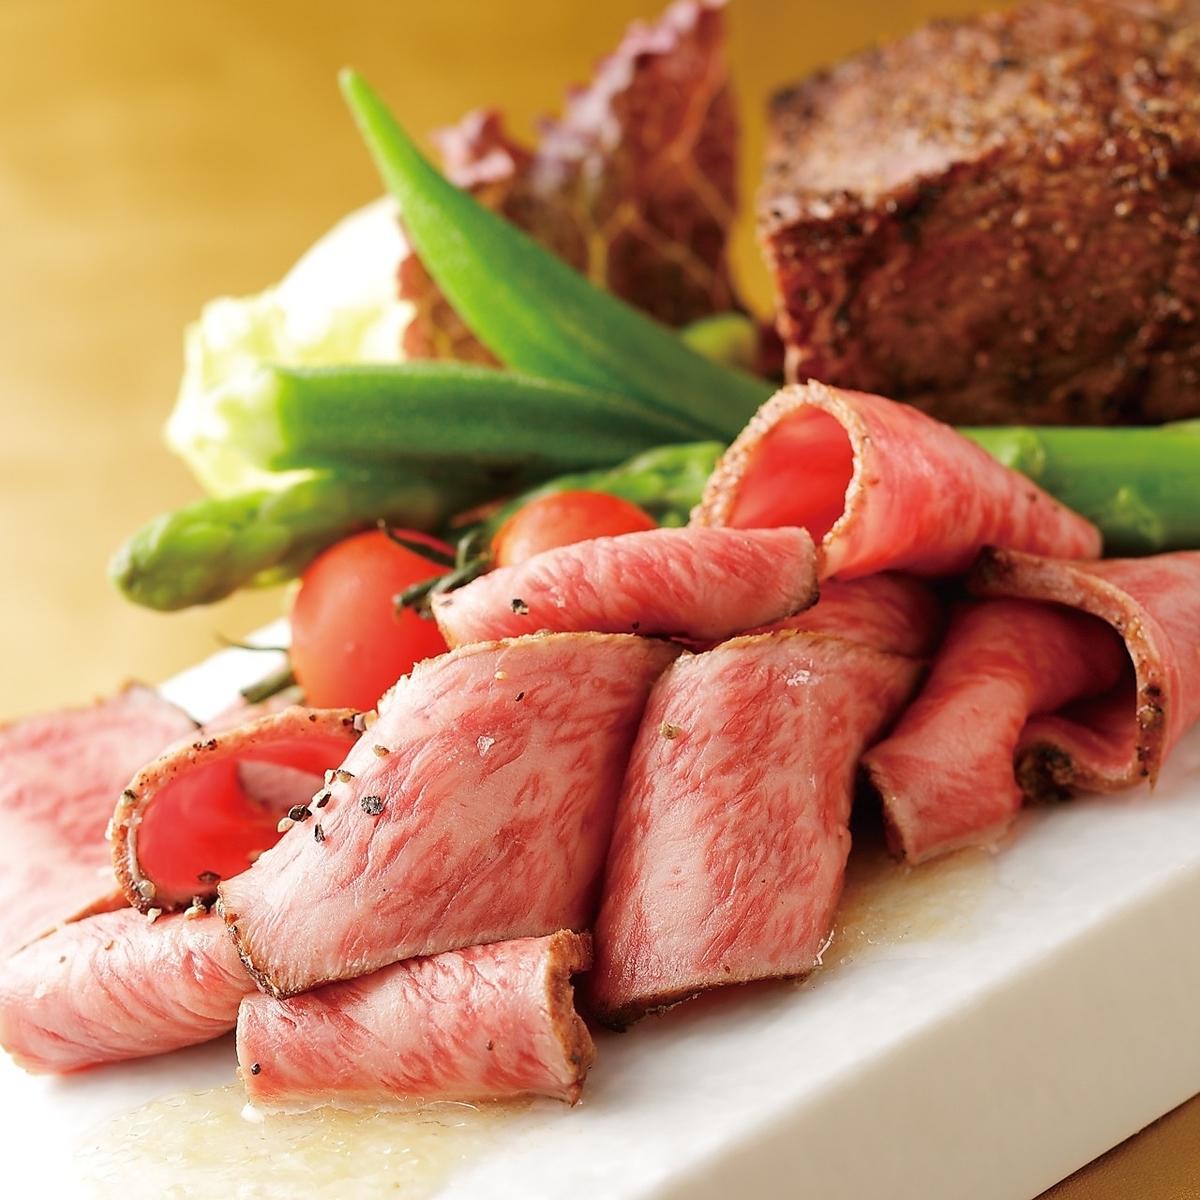 히다 쇠고기 로스트 비프 저온 발효